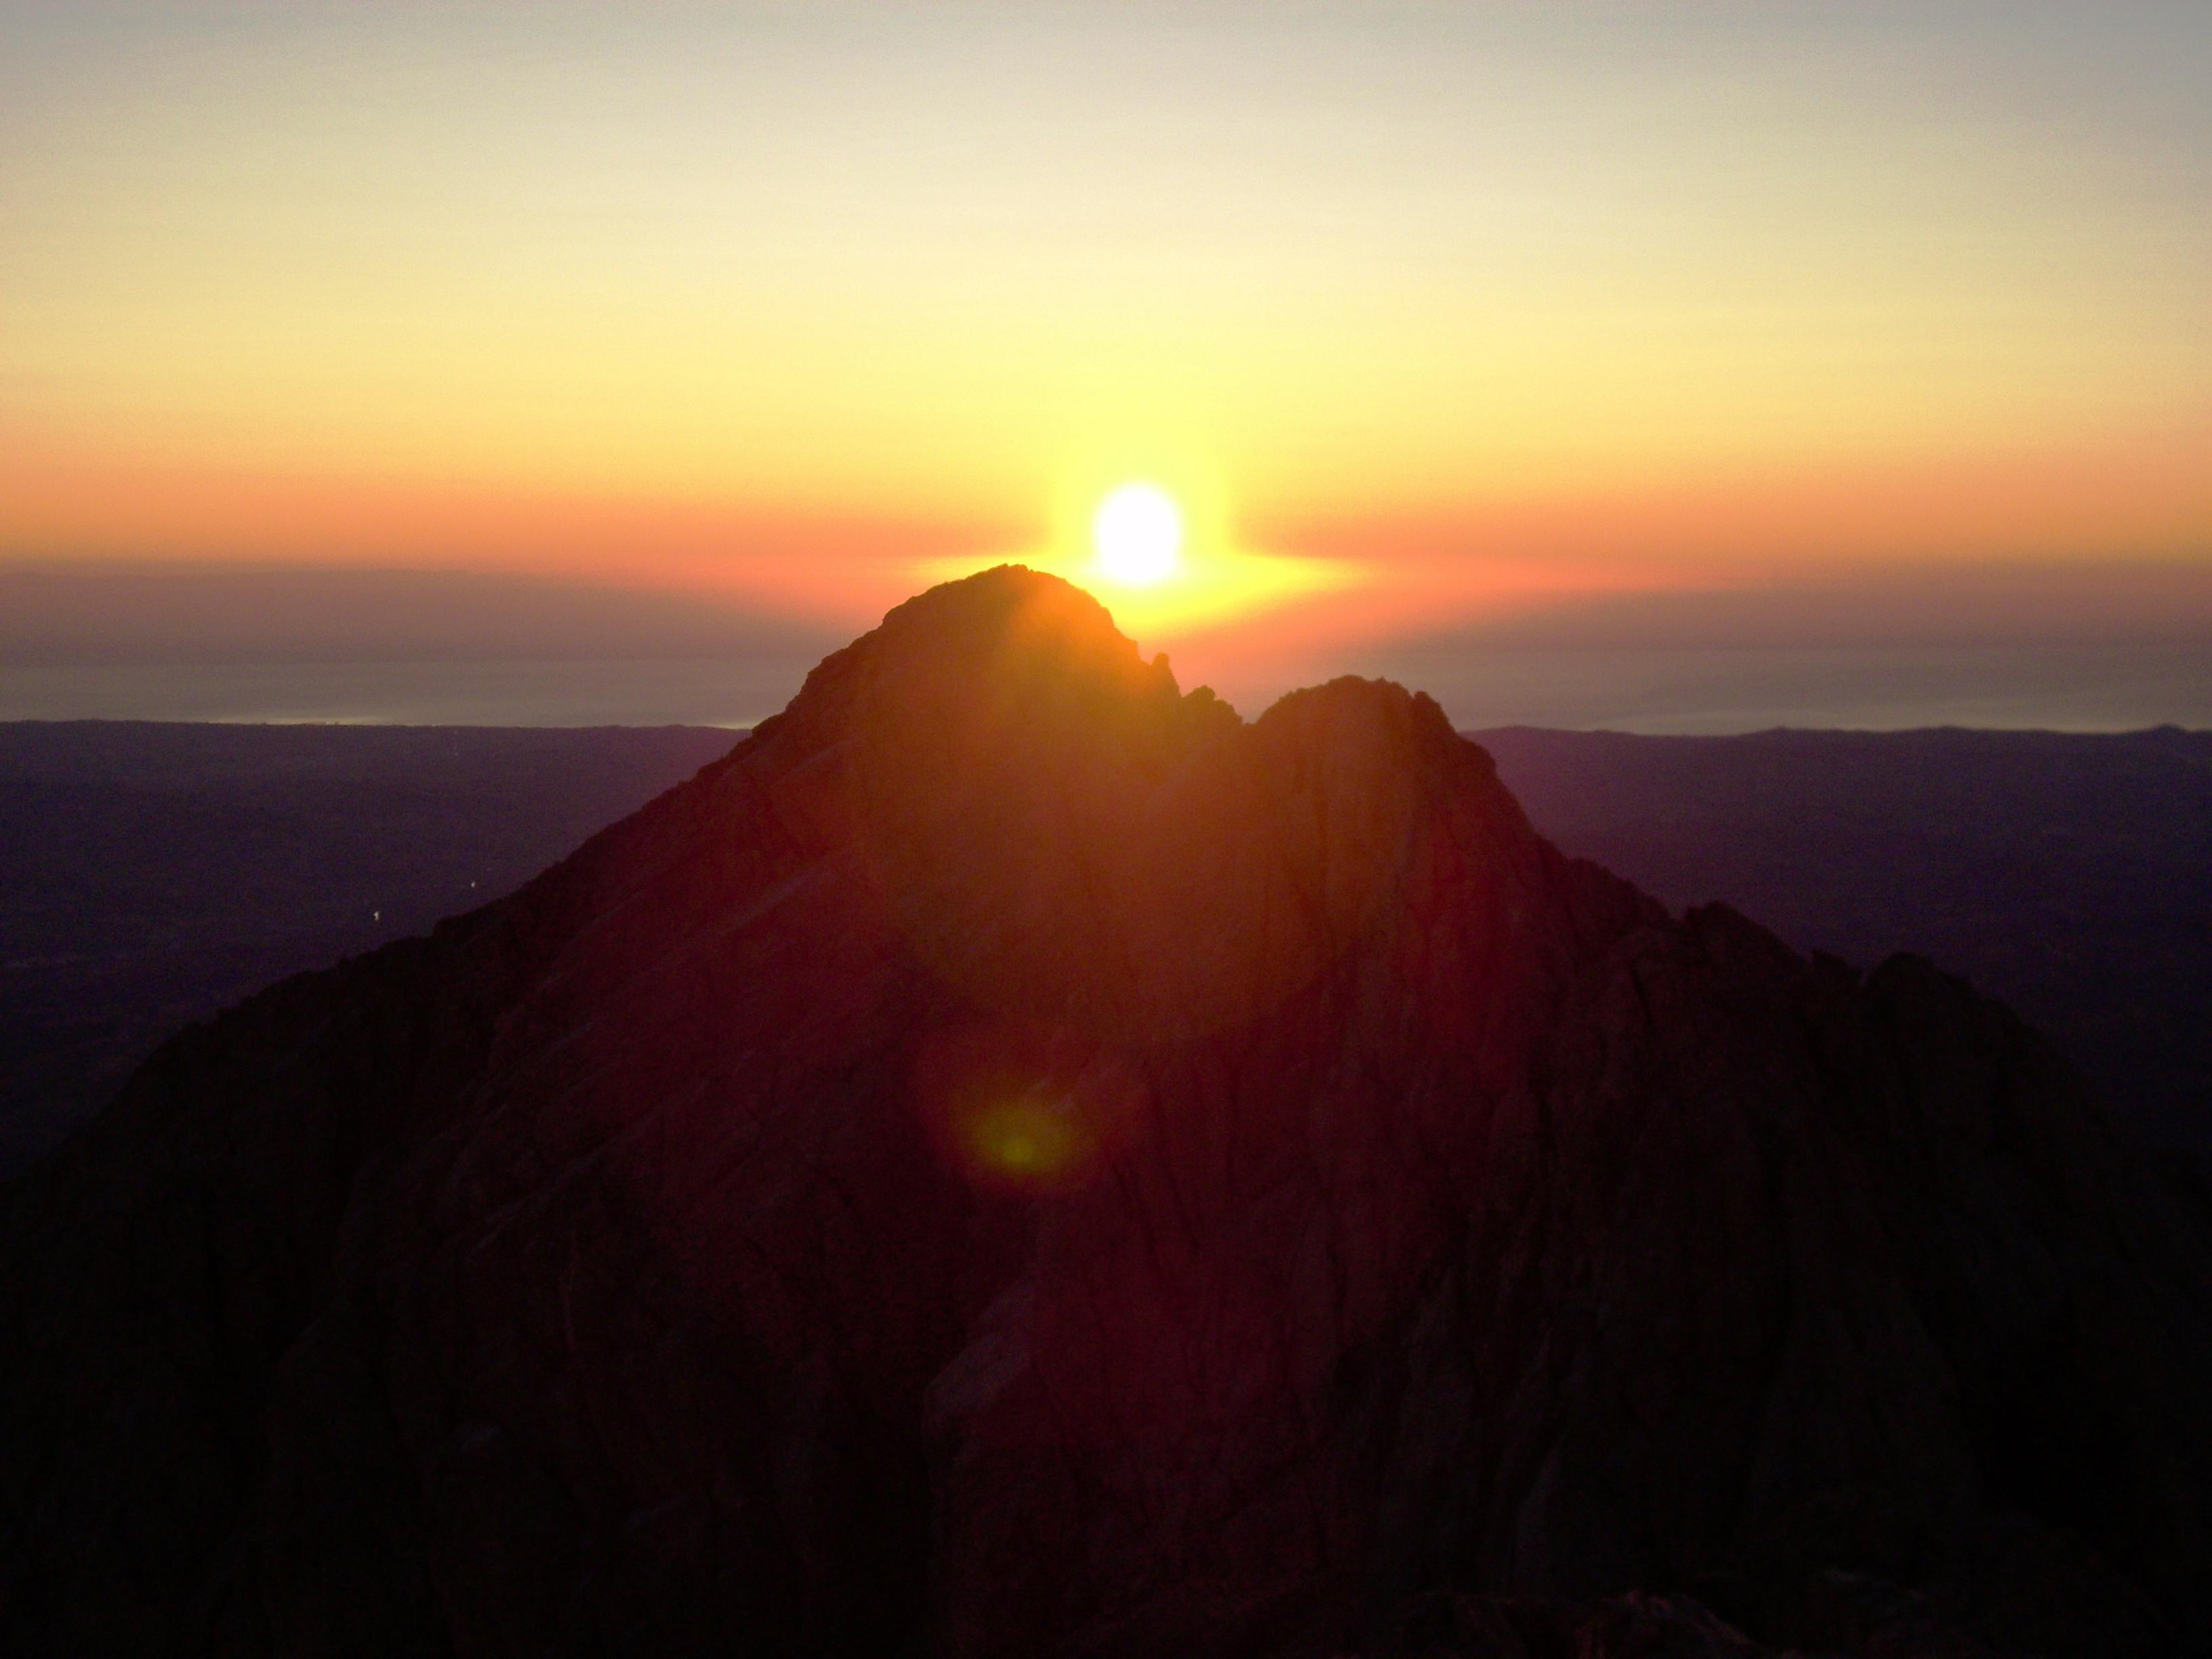 Solstizio d'estate: trionfo del sole e della luce sul buio della notte